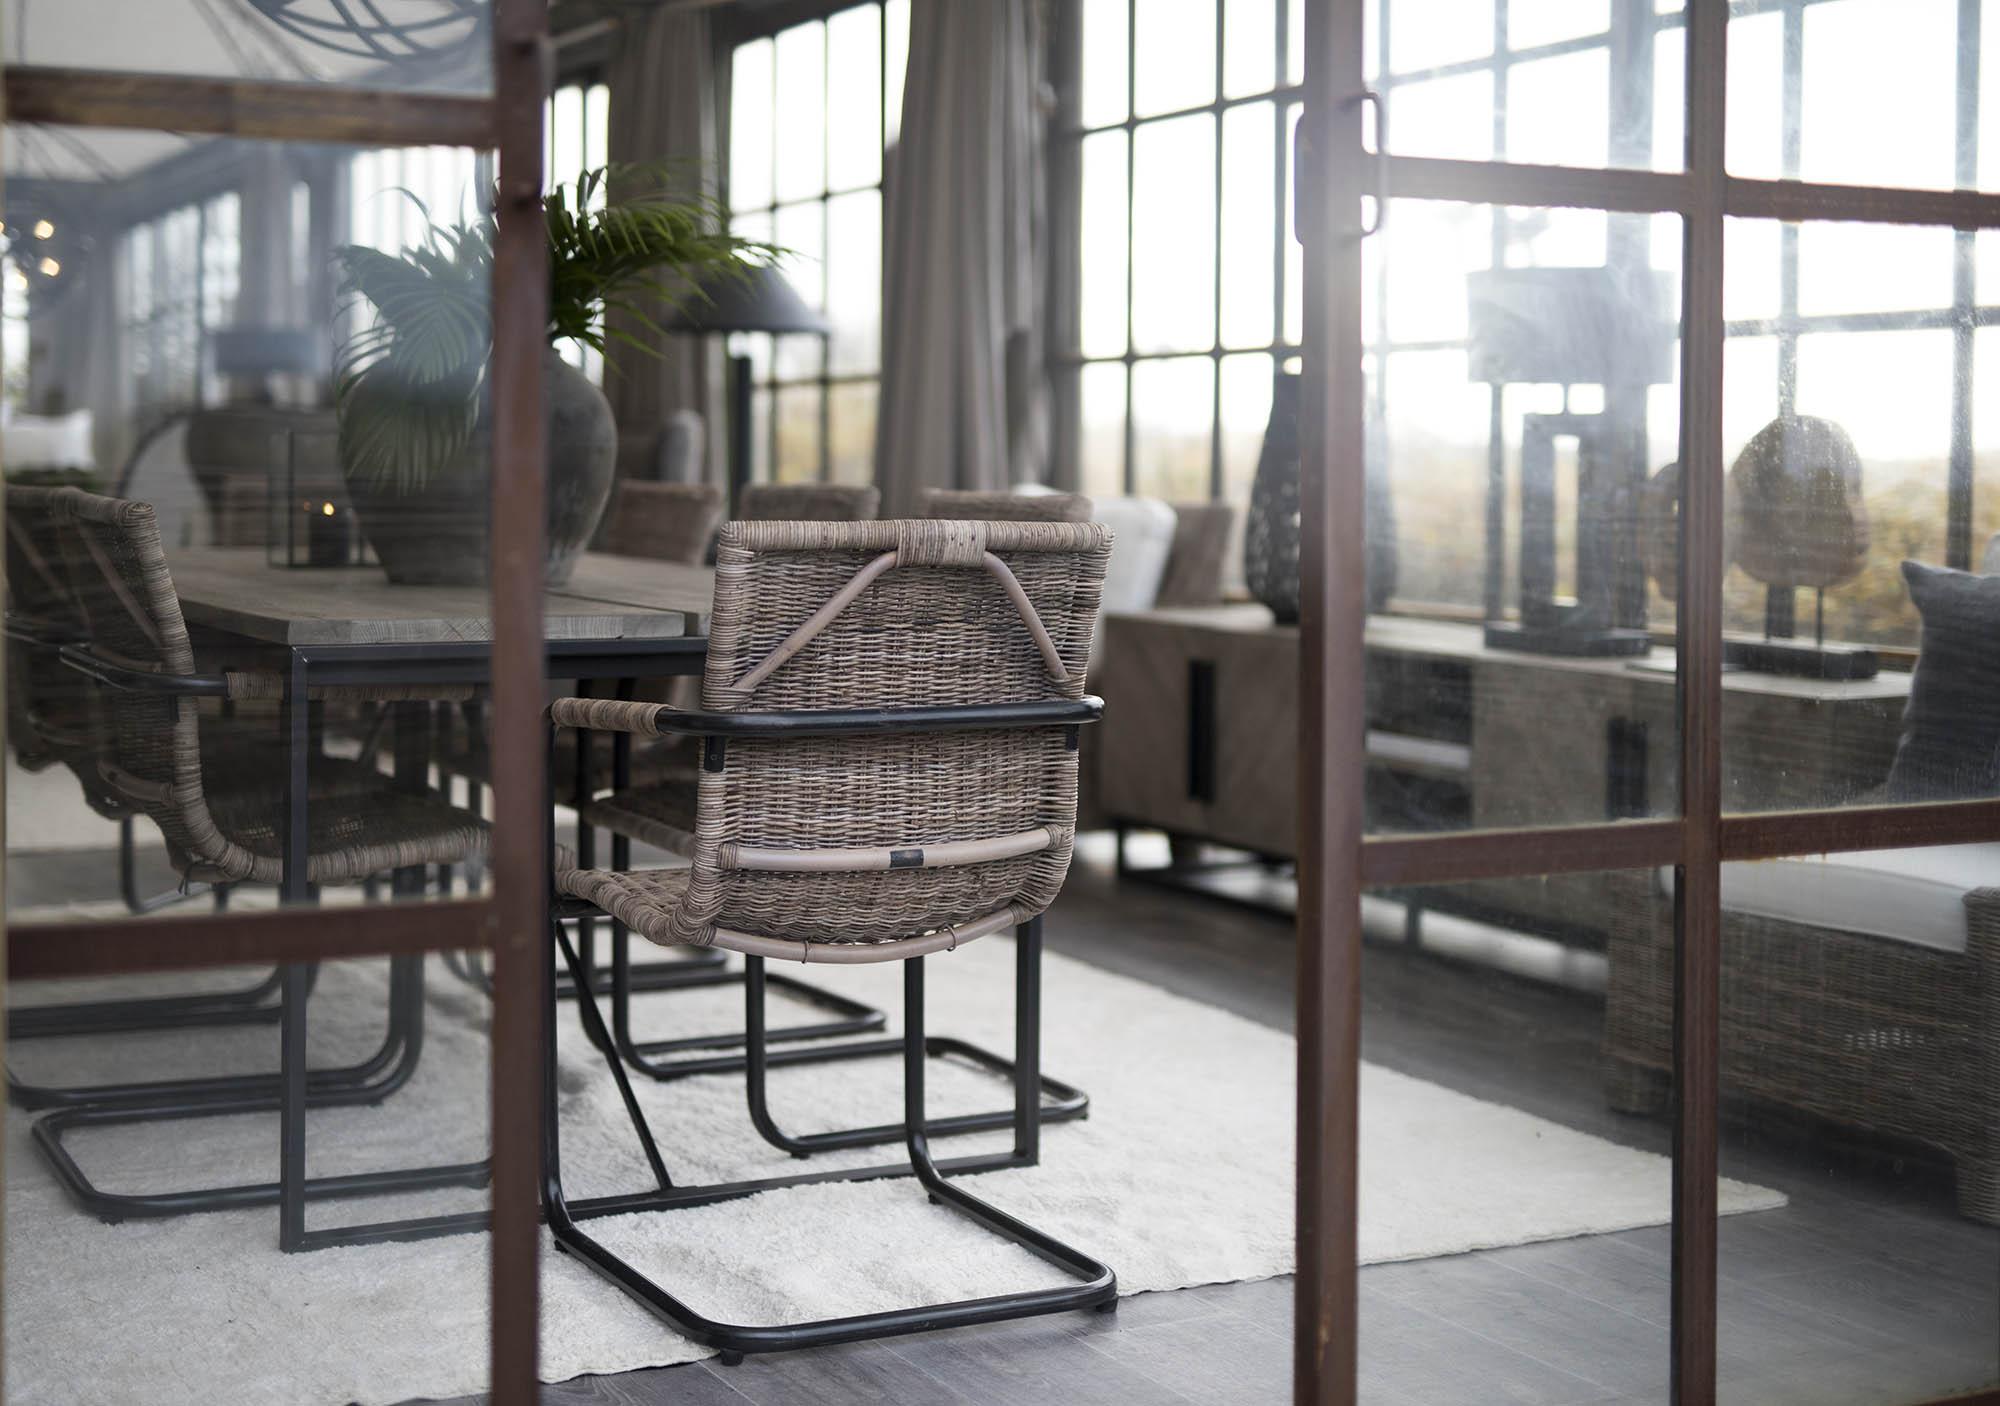 Miljöbild som visar matstolen Zola från Artwood i järn och naturrotting.